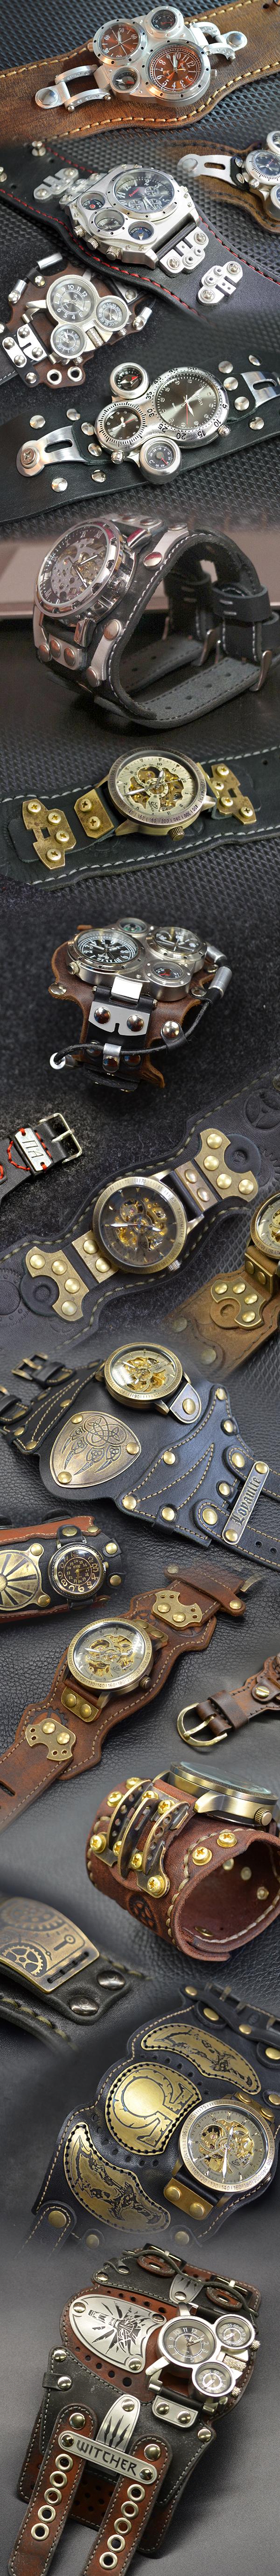 5b790b0cb0a2 Несколько интересных часов с жЭлеСками Своими руками, Сам сделал, Часы,  Браслет, Изделия